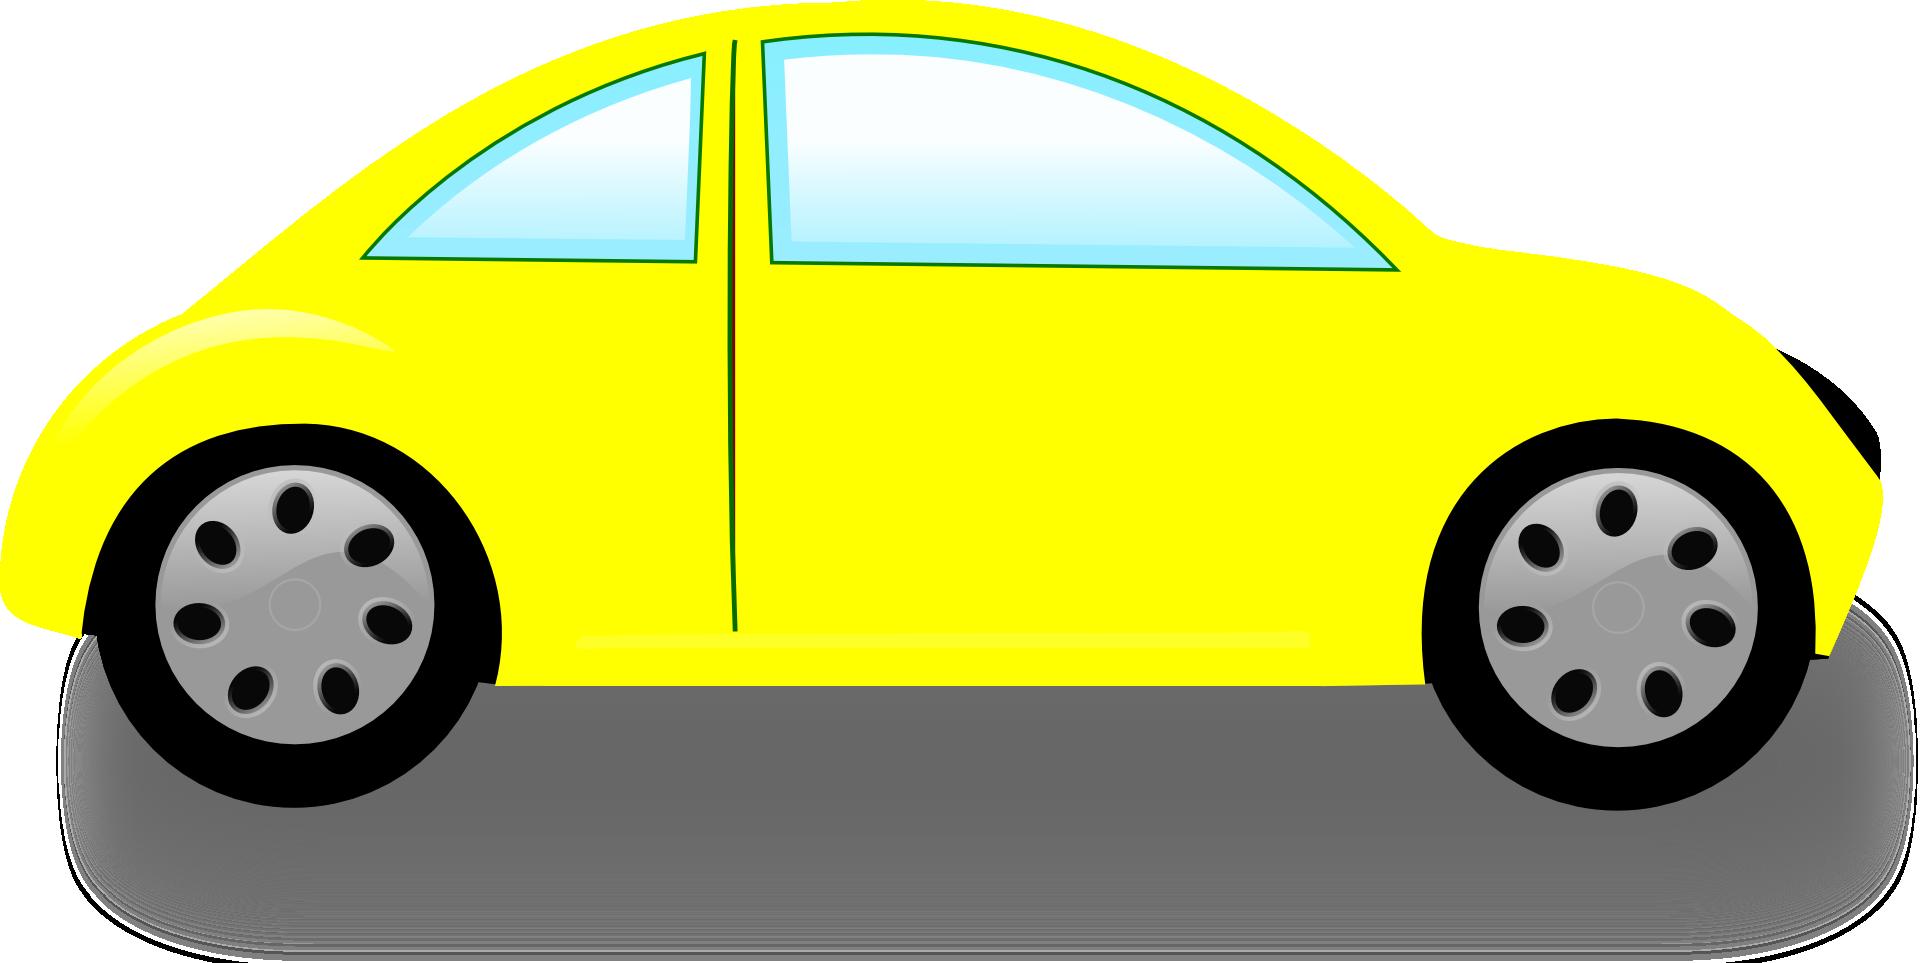 Vw Beetle Volkswagen Car.